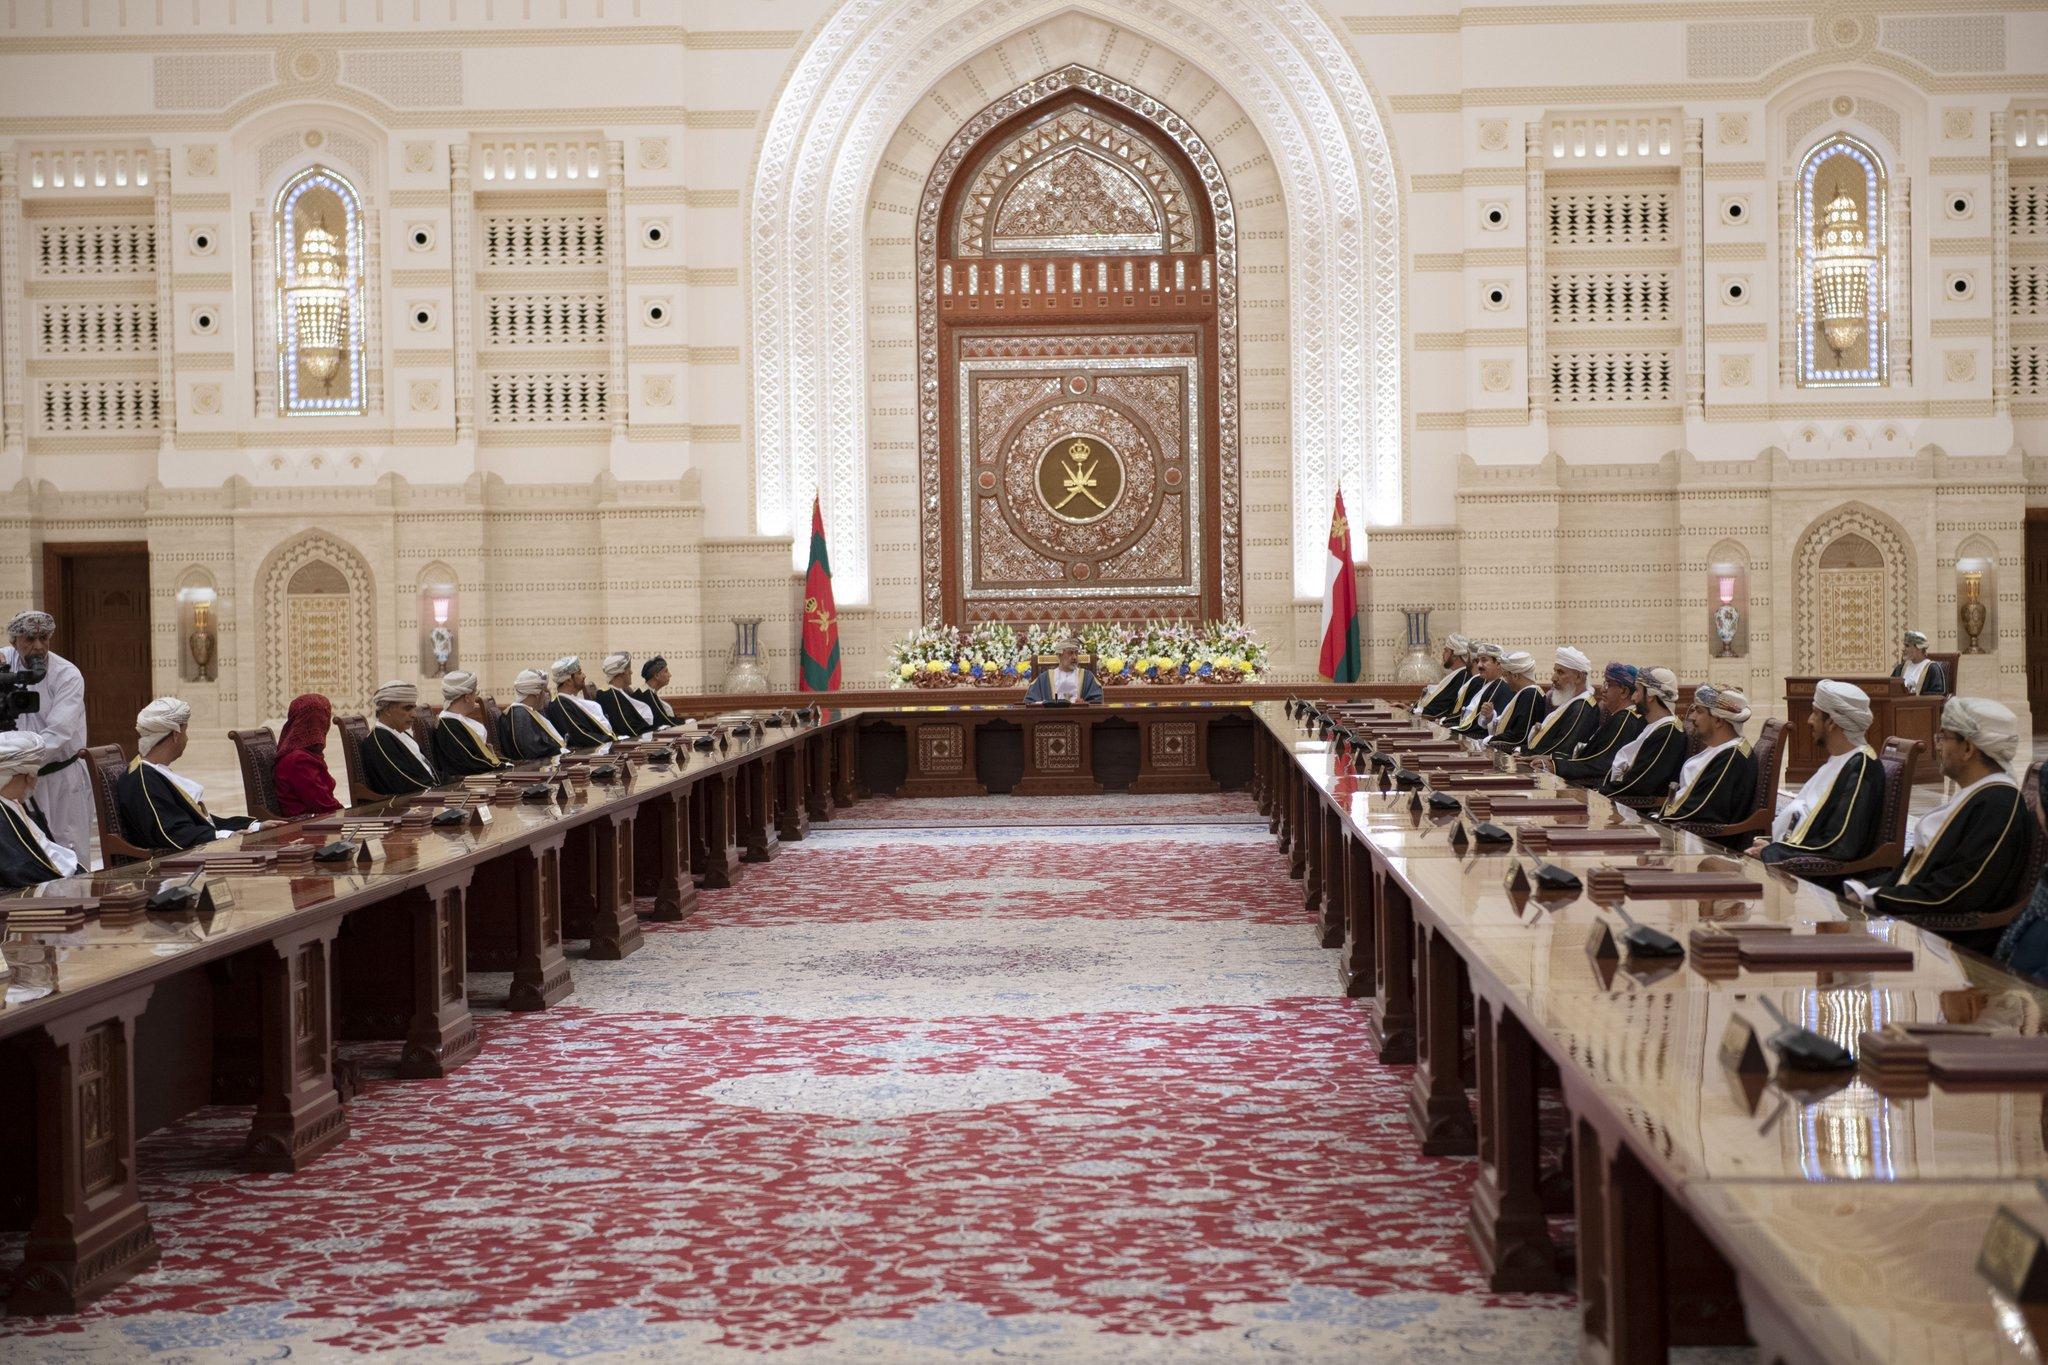 جلالة السلطان: هيكلة الجهاز الإداري تواكب رؤية عمان 2040